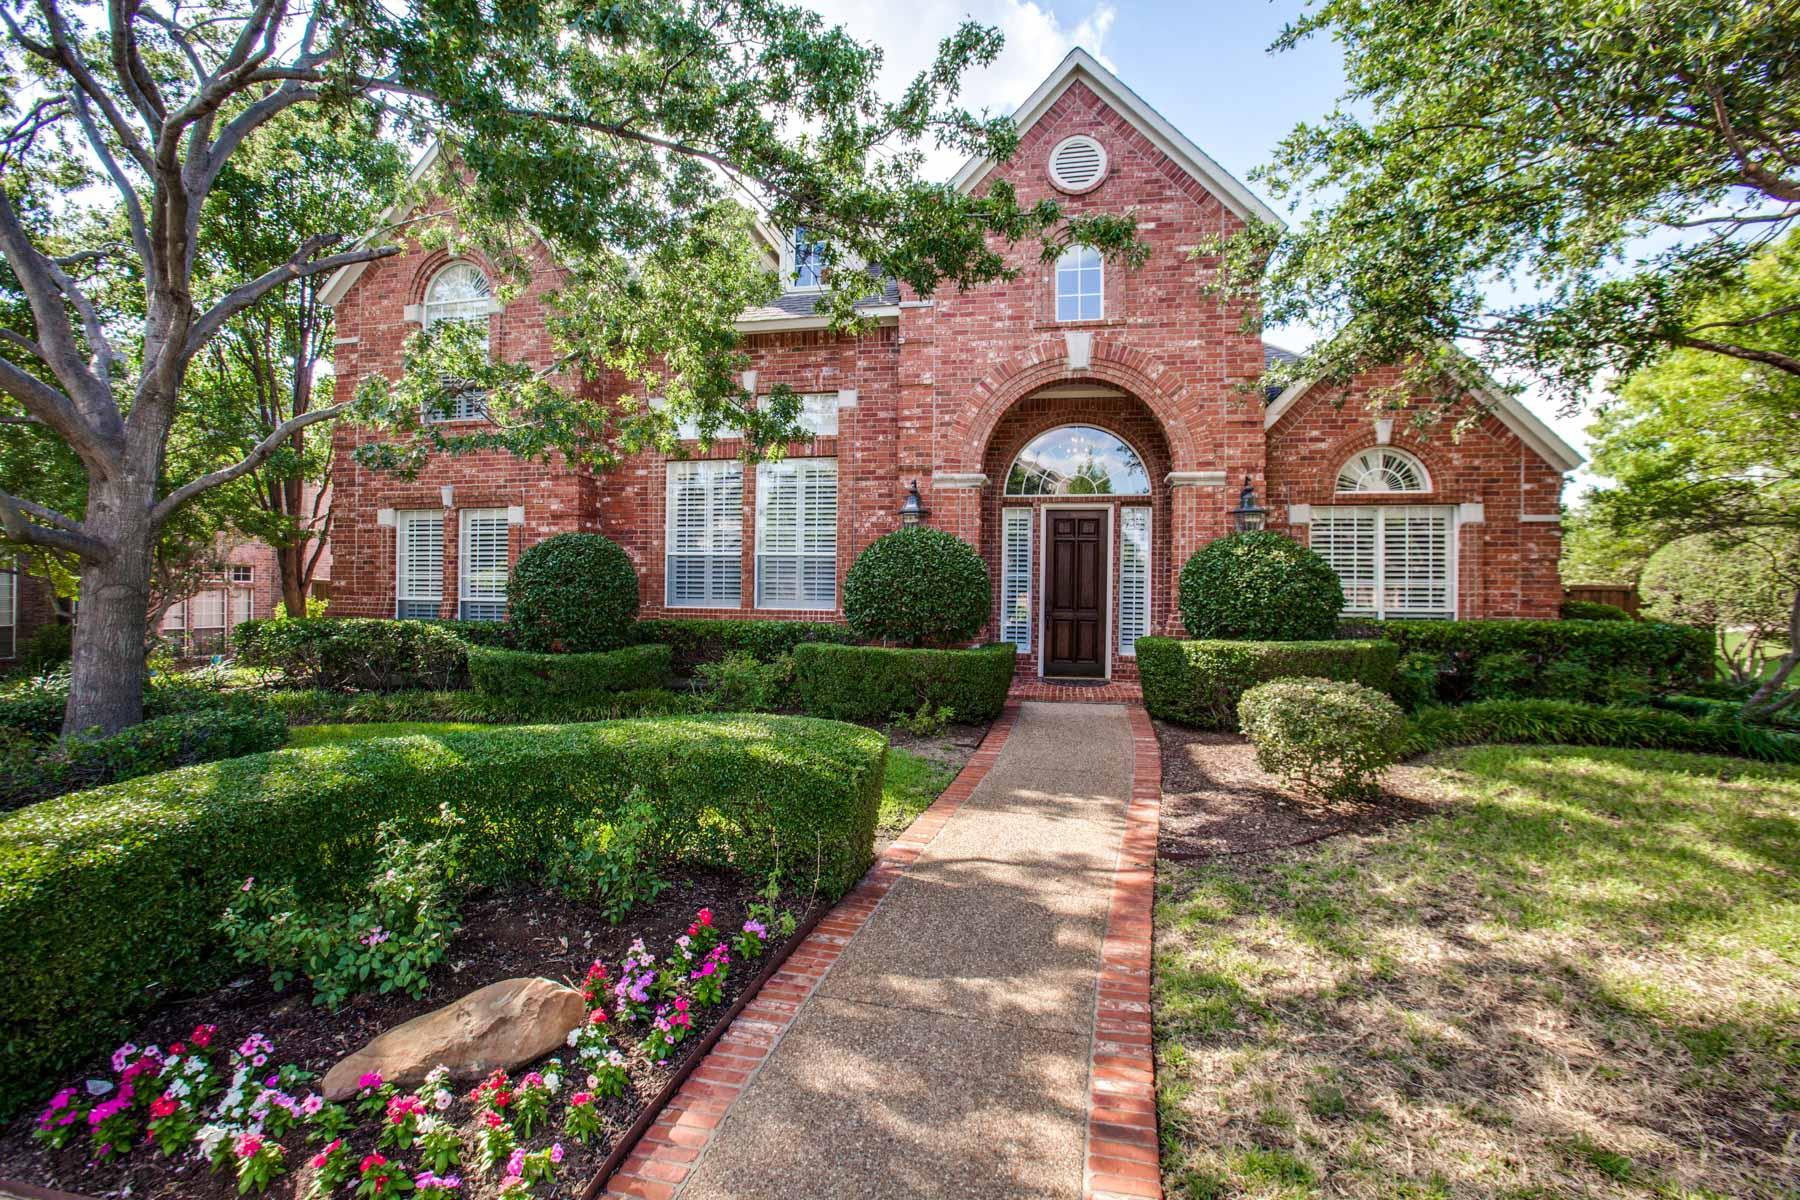 Villa per Vendita alle ore Starwood Traditional Beauty 5689 Widgeon Way Frisco, Texas, 75034 Stati Uniti